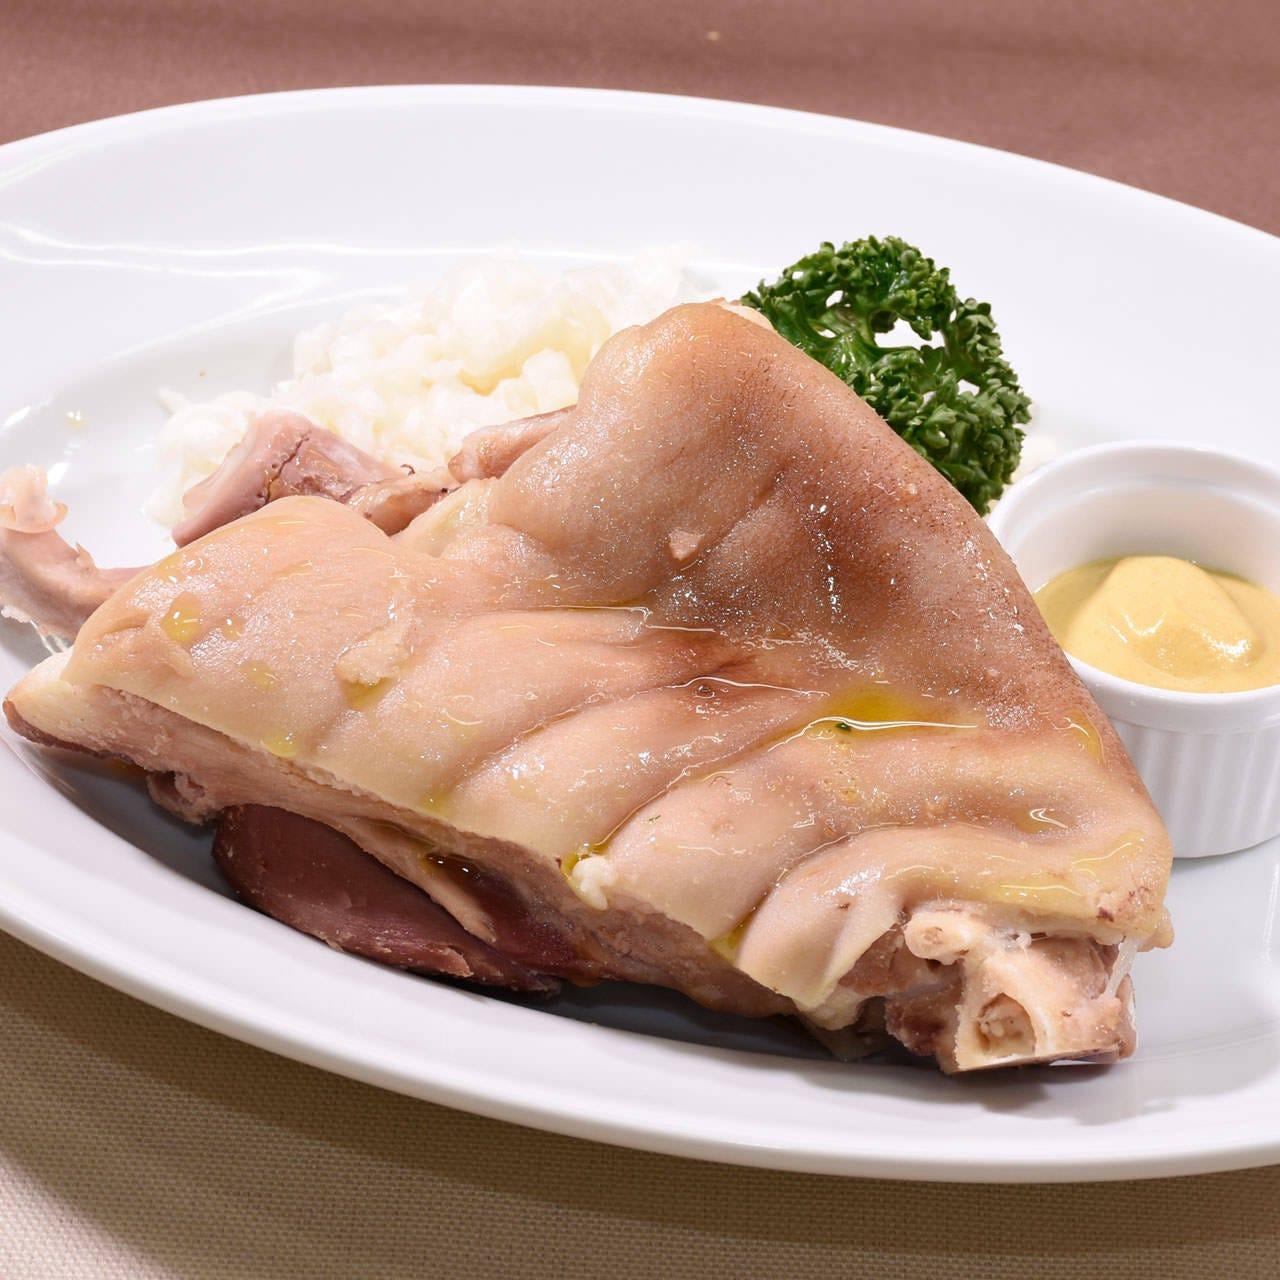 代表的なドイツ料理「アイスバイン」はマスタードを絡めれば絶品